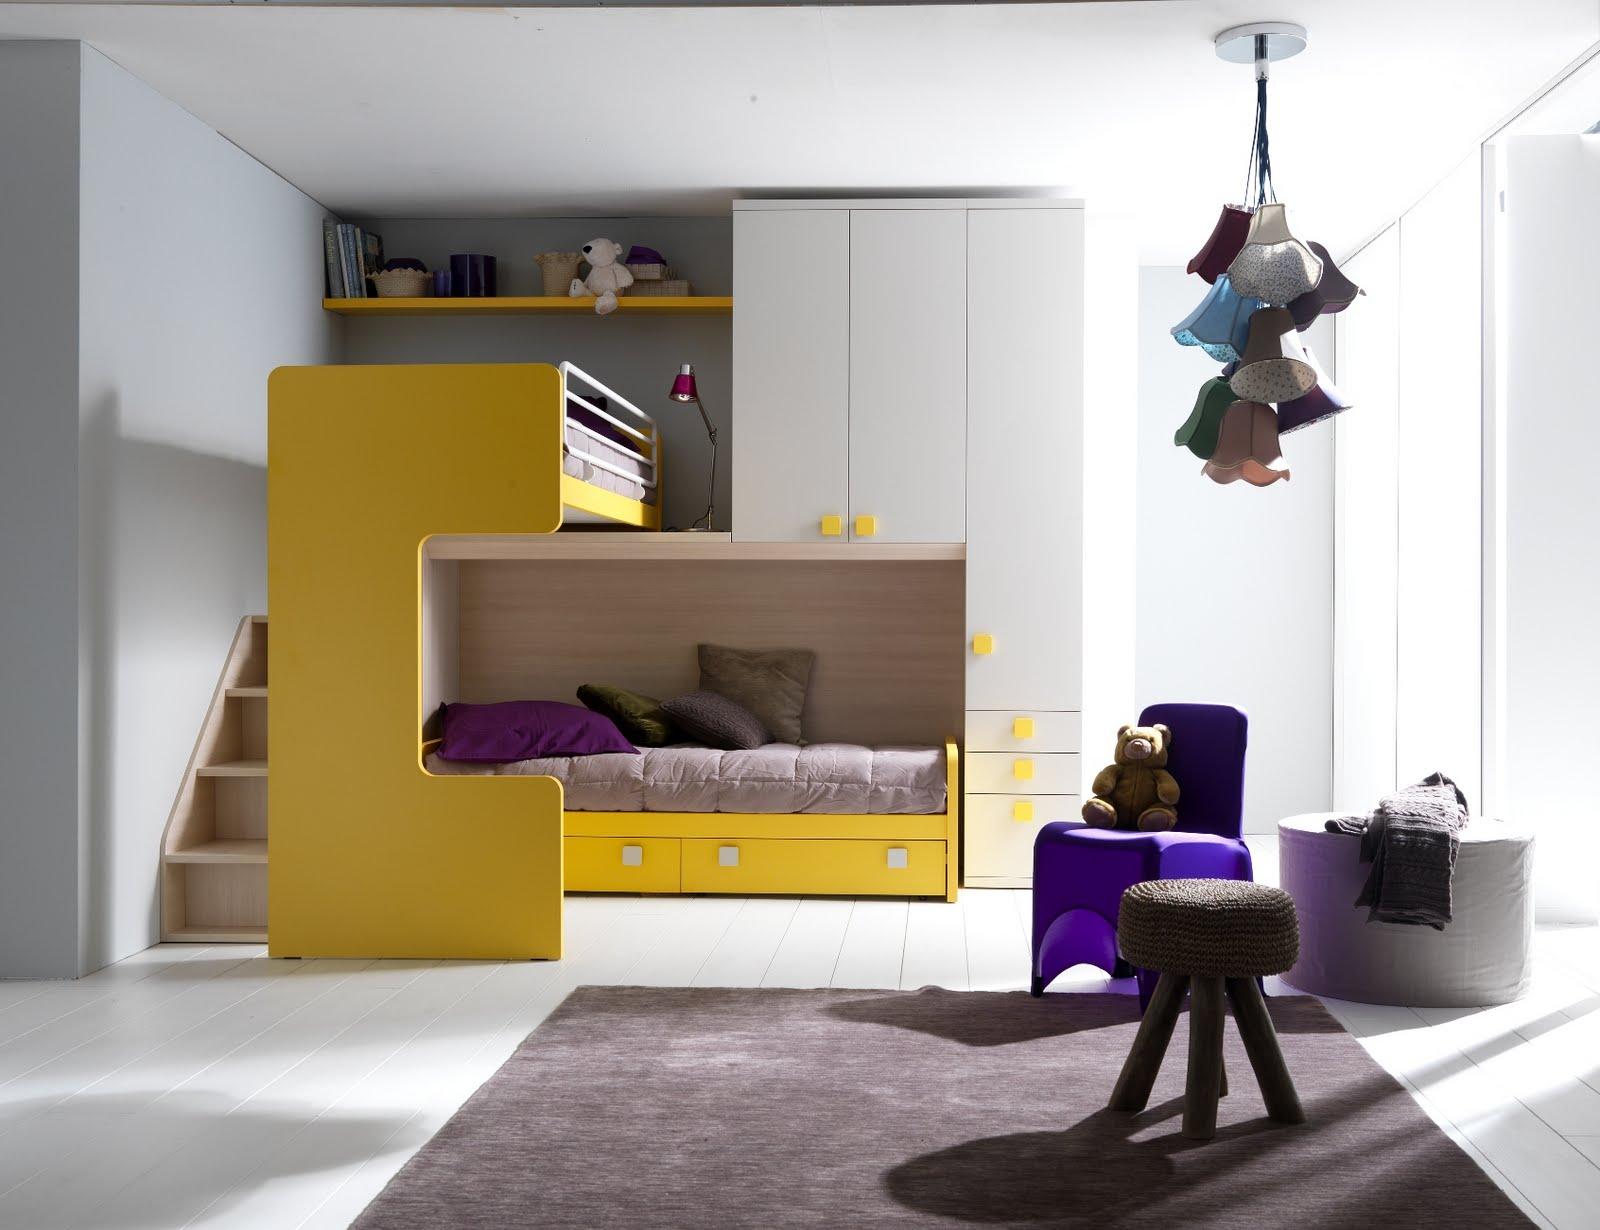 Bonetti camerette bonetti bedrooms offerta camerette doimo for Idee per arredare camera ragazzo